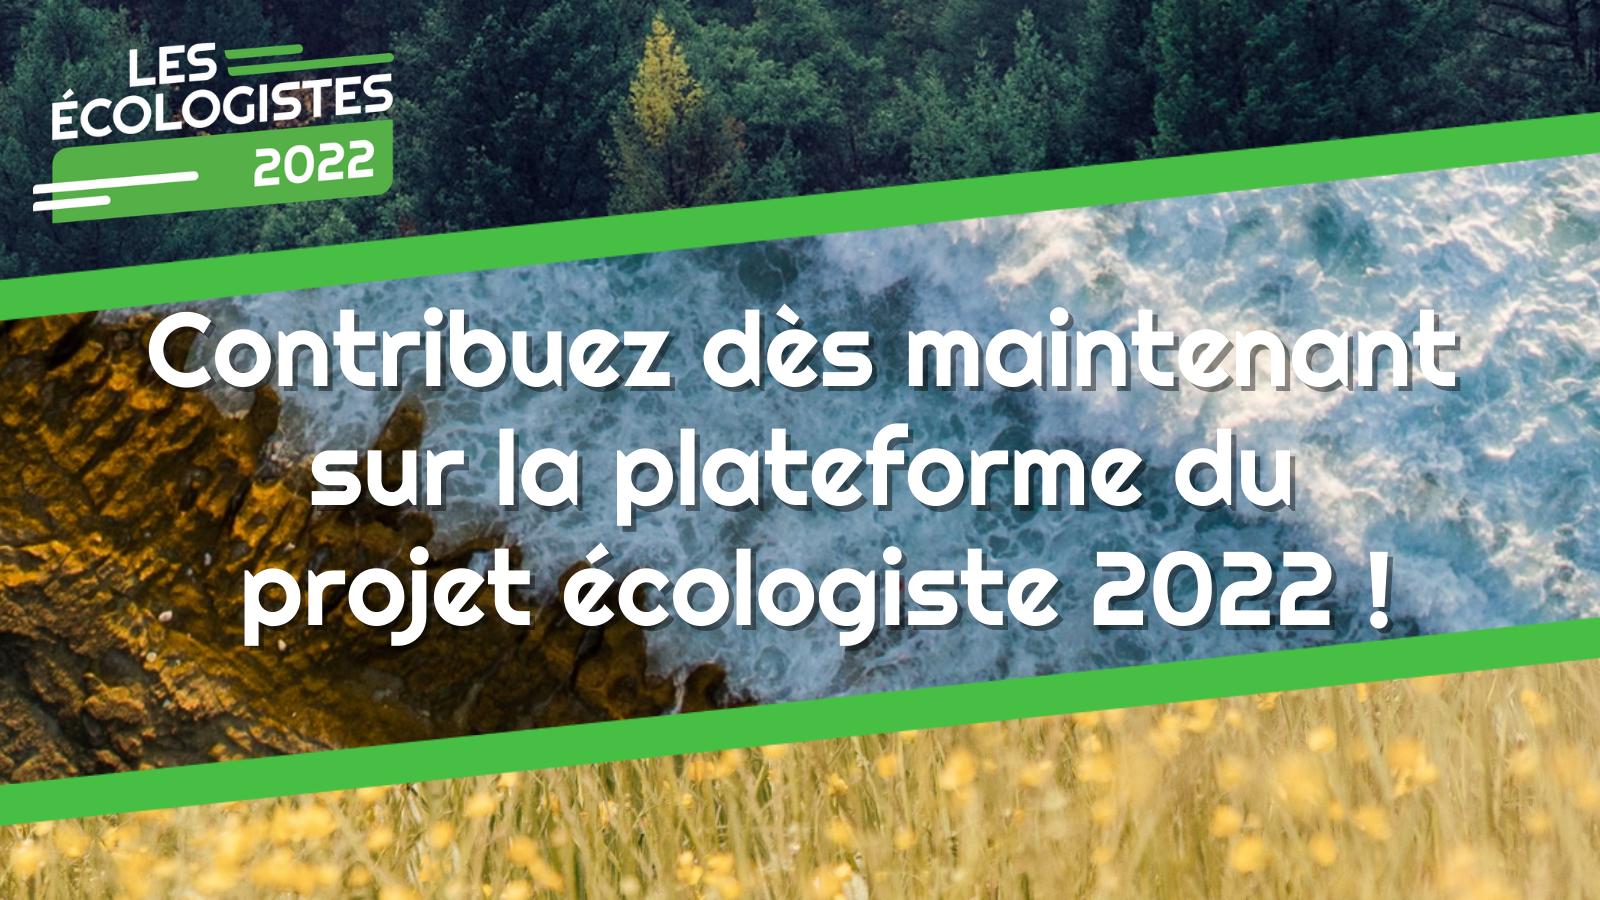 Résultat de la primaire des écologistes : Yannick Jadot vainqueur du second tour avec 51,03%   Af5c381868fbba74124f0589f2d35536f7a19fd939bd7d99a8413996f5b762c7